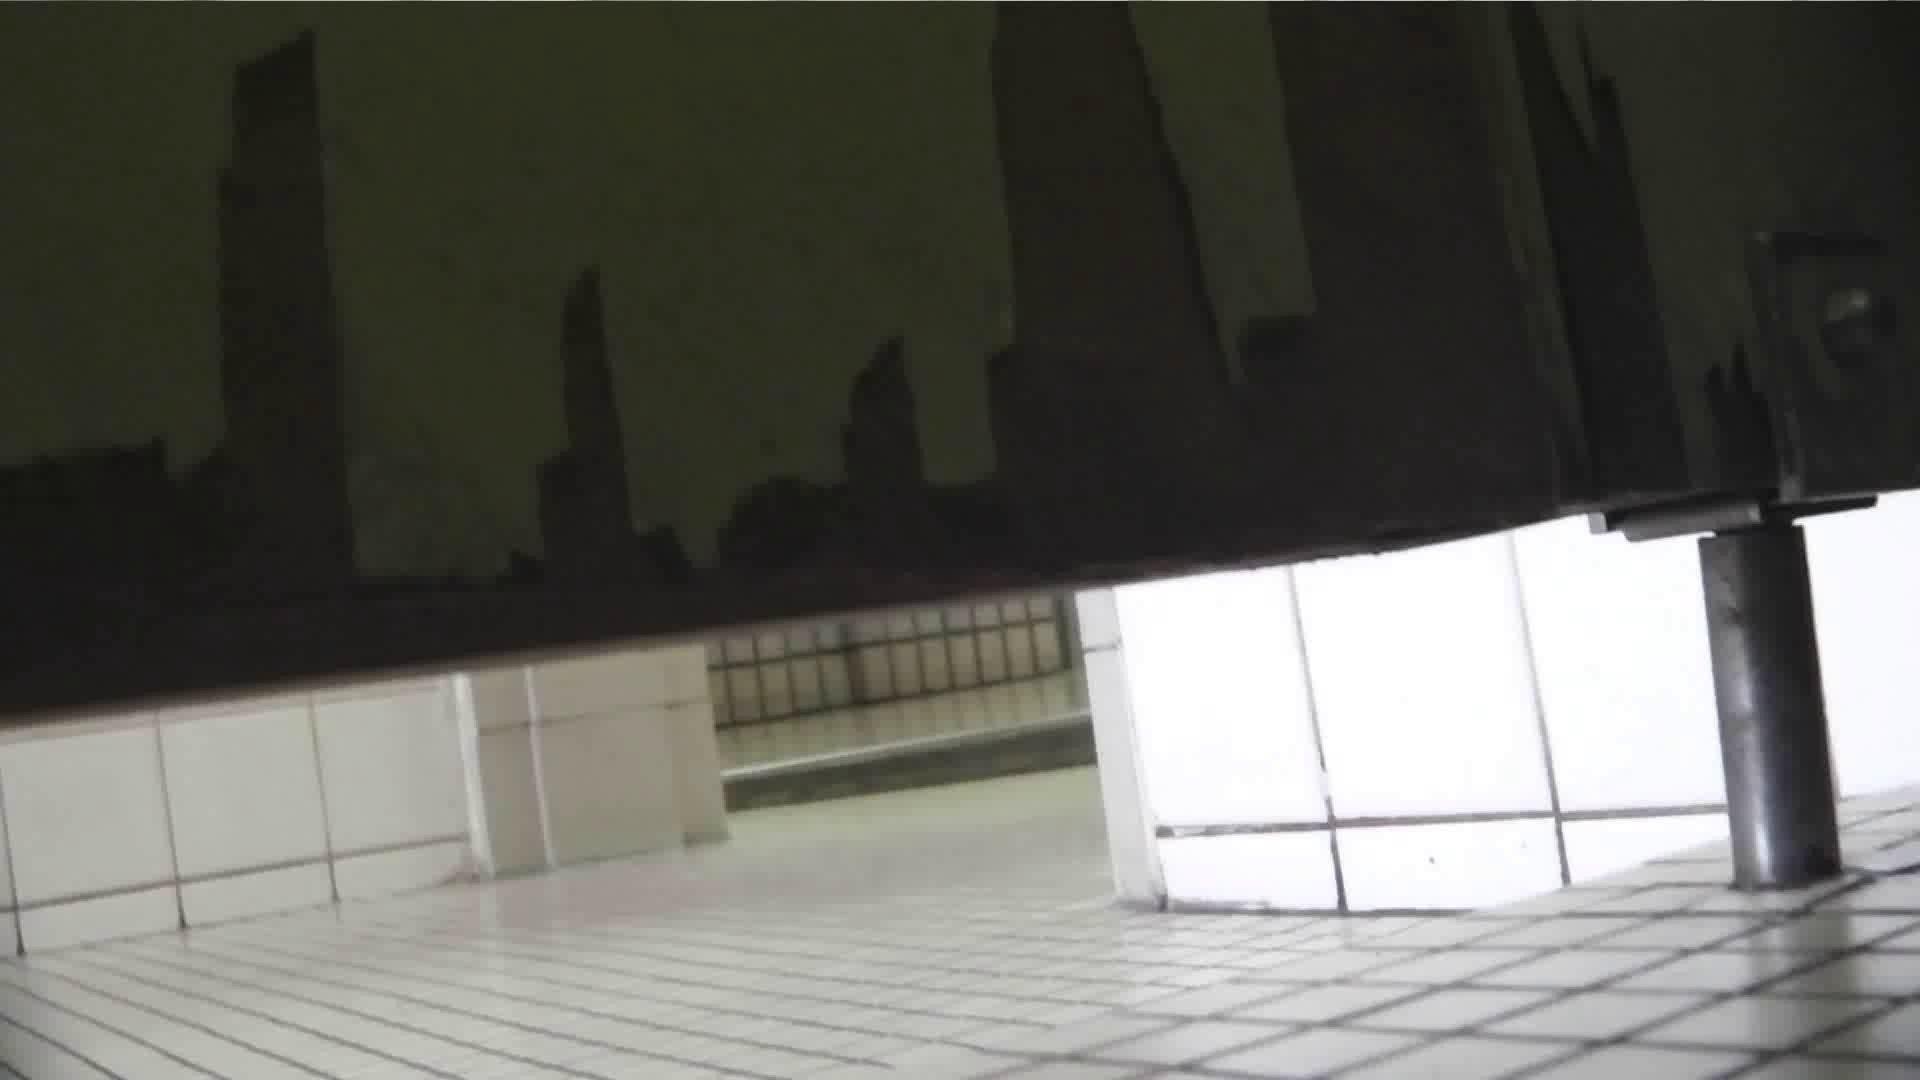 【美しき個室な世界】 vol.025 メガネ属性ヾ(´∀`)ノ 高画質動画 性交動画流出 63画像 62